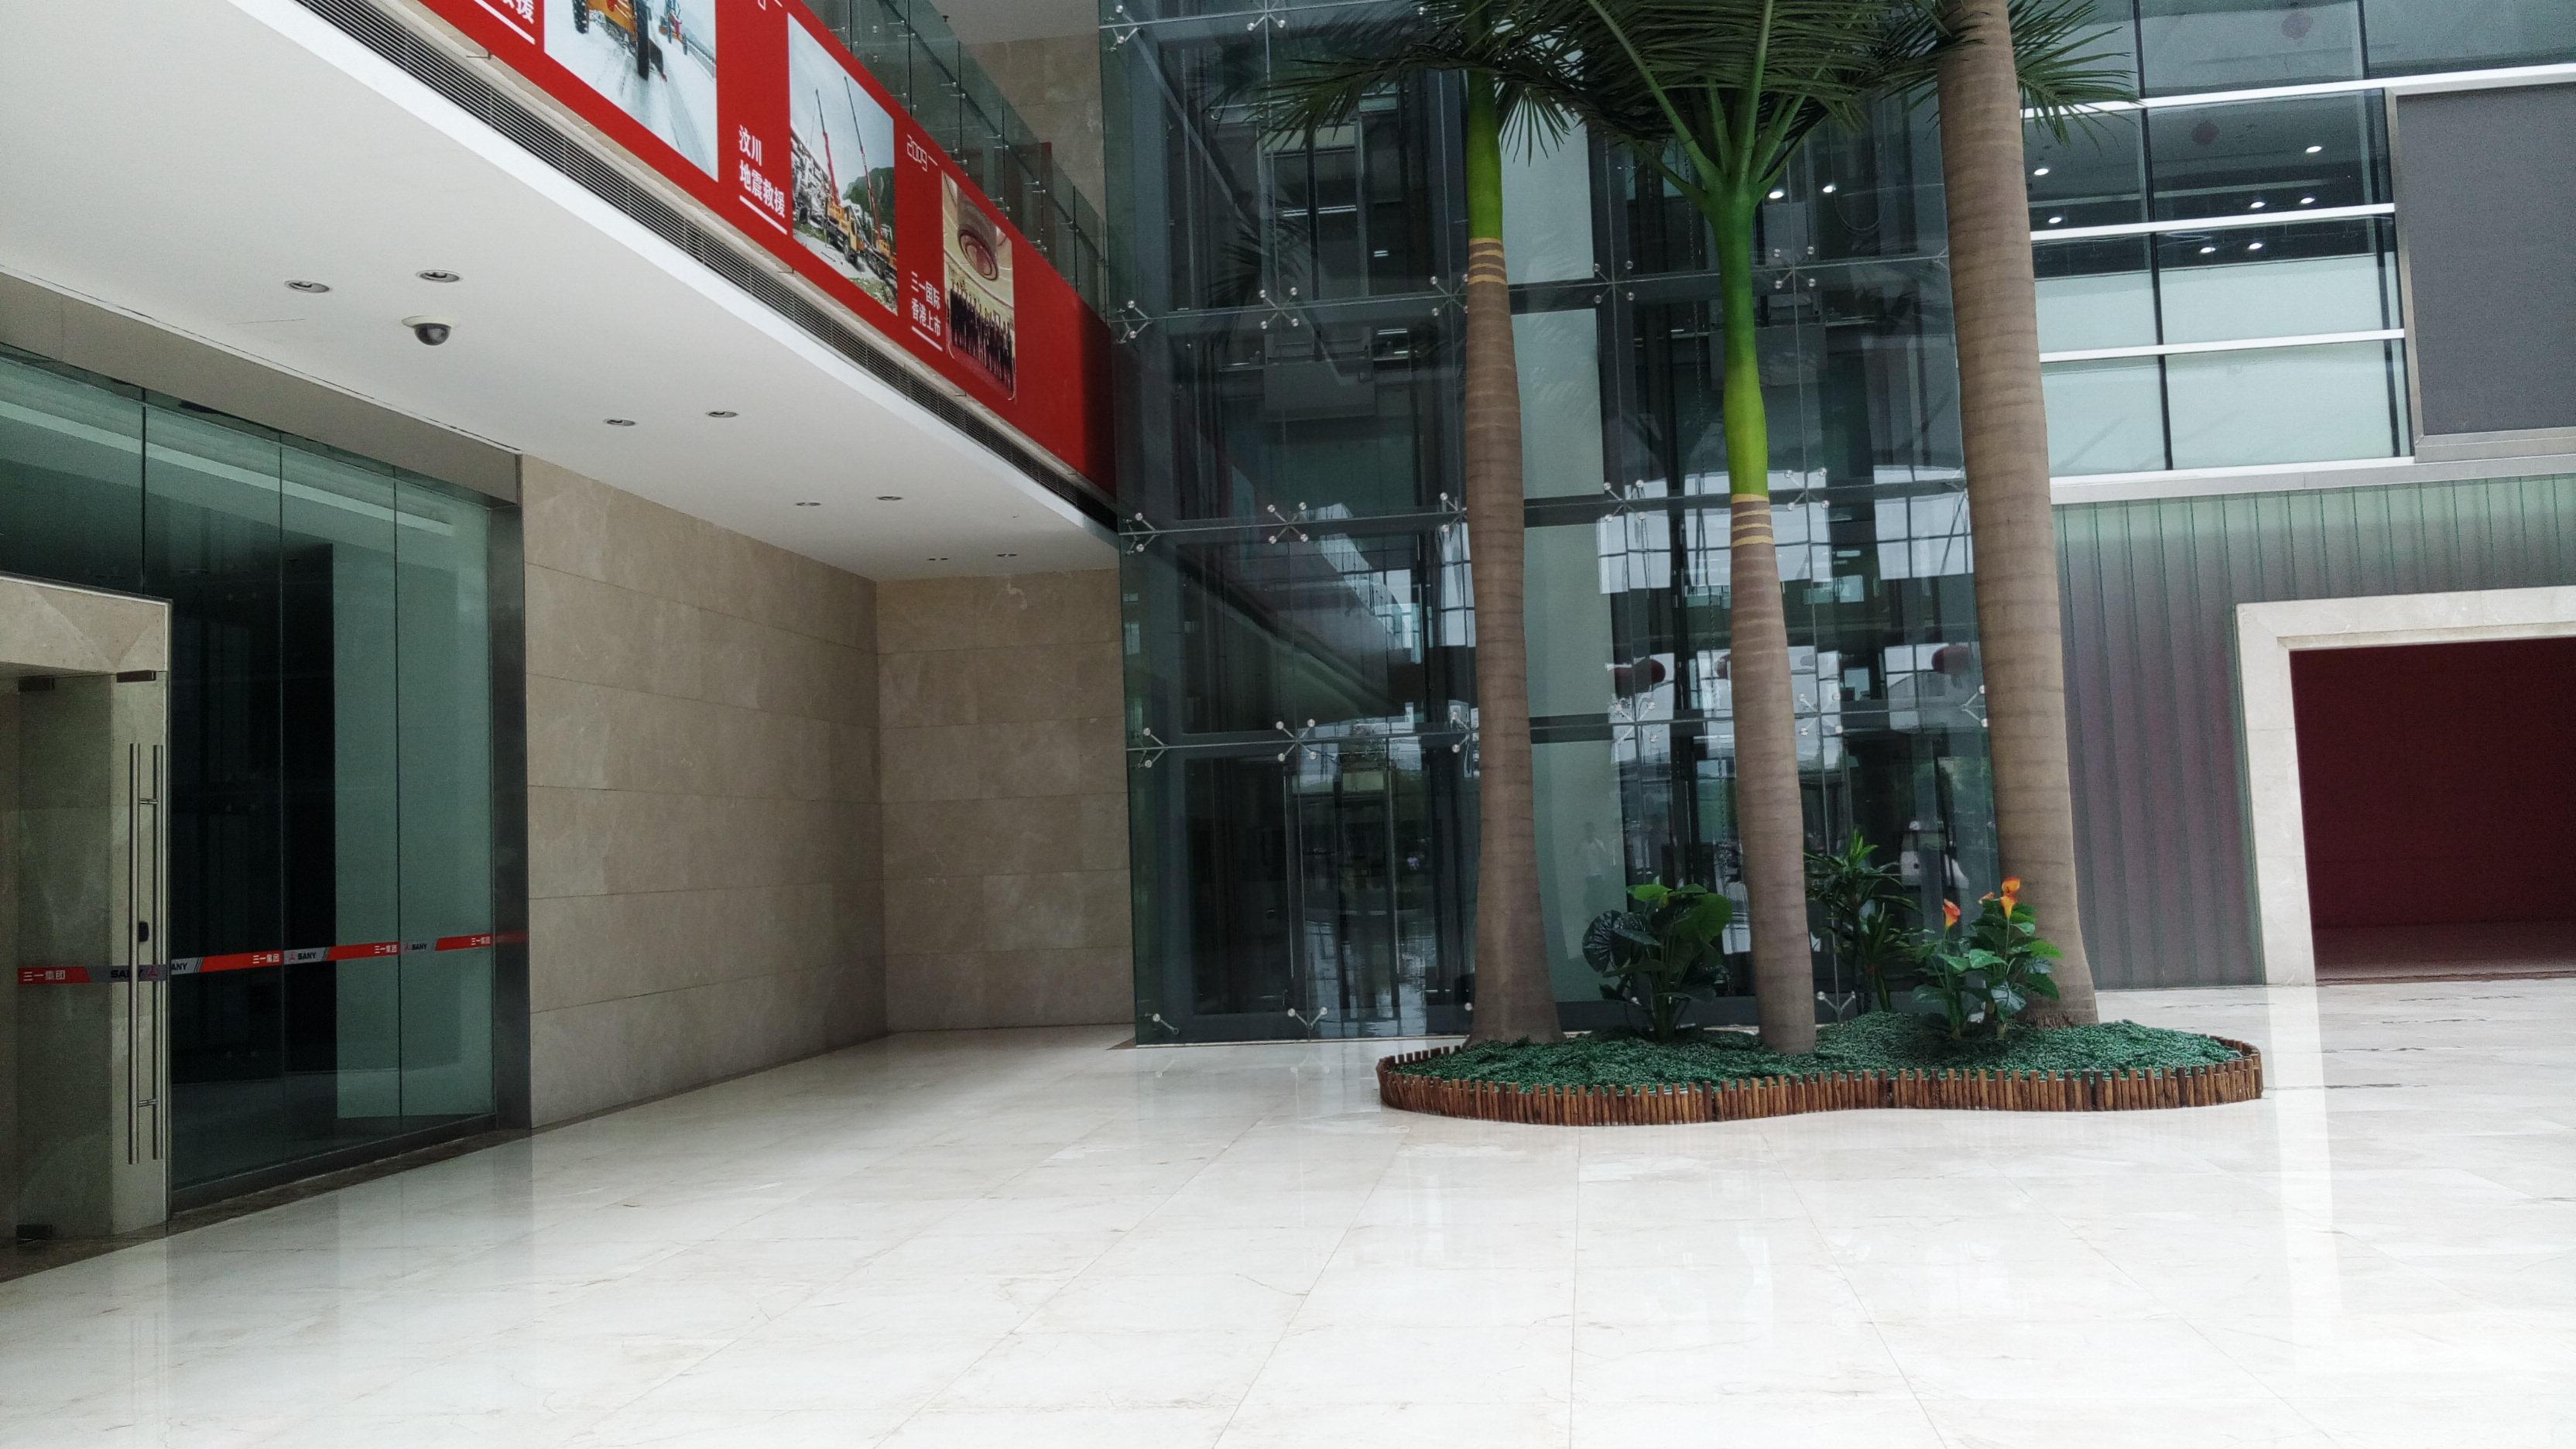 长沙三一工业城新研发楼内景